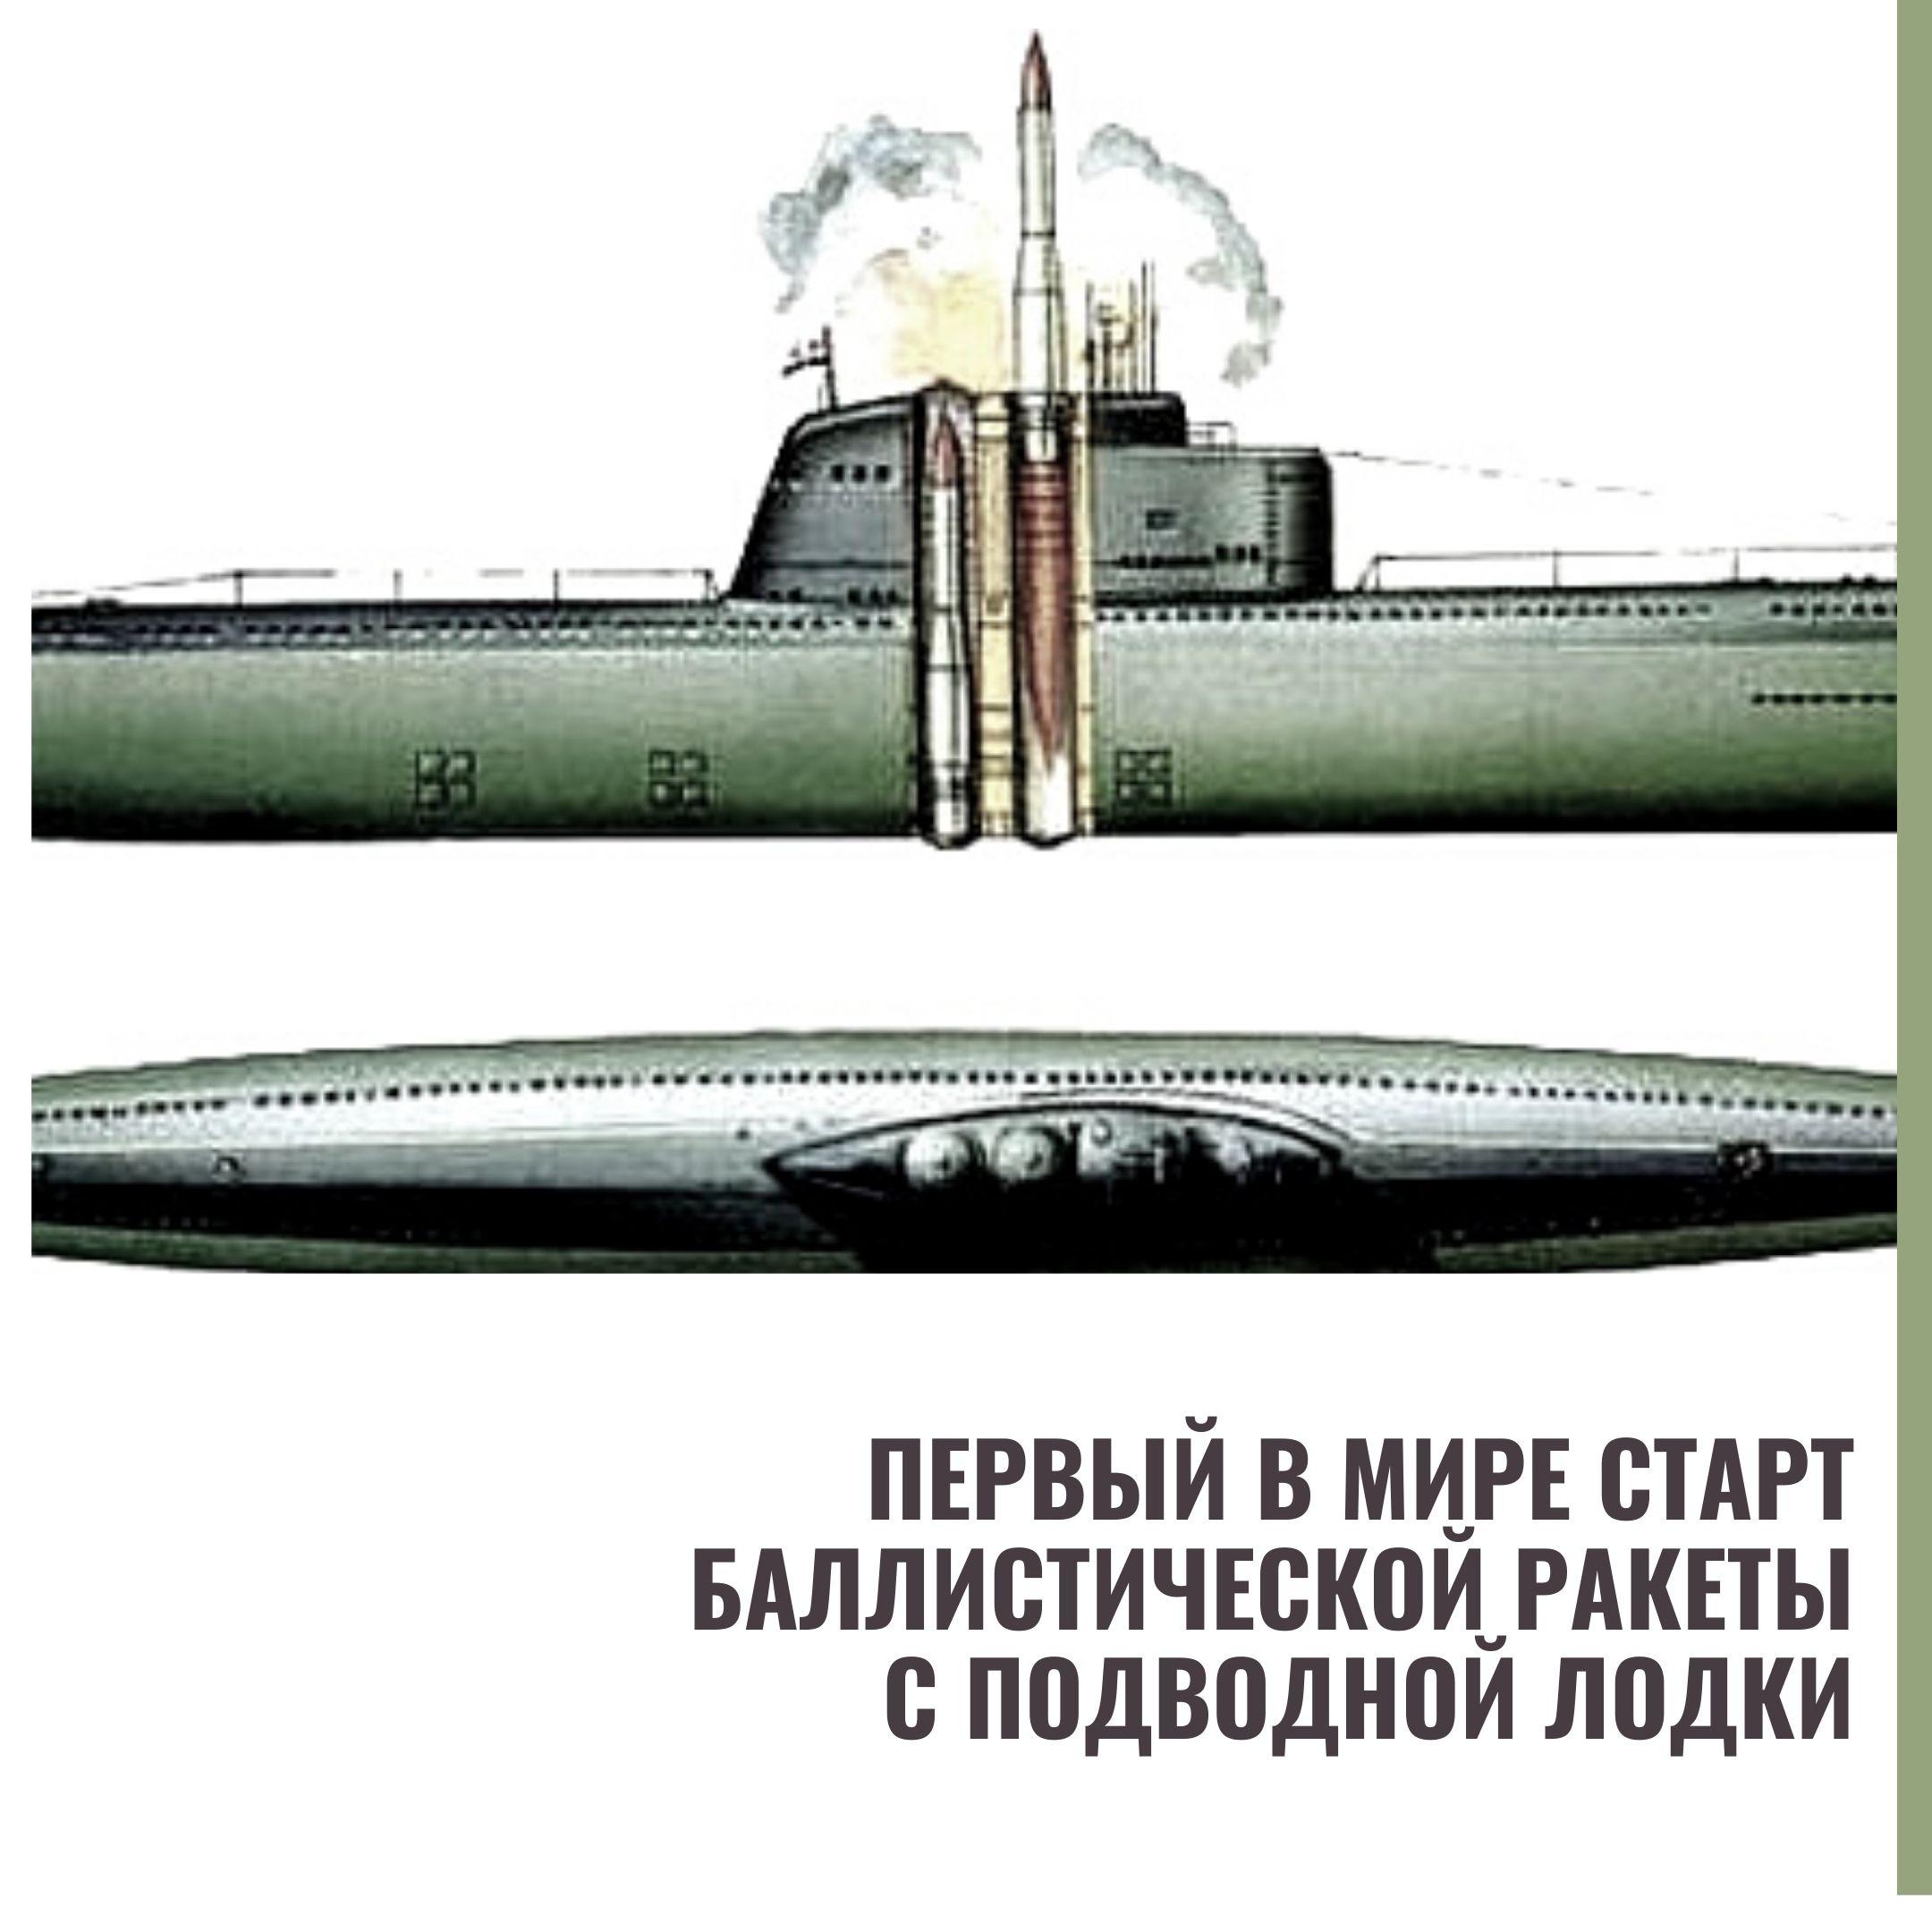 Первый в мире старт баллистической ракеты с подводной лодки